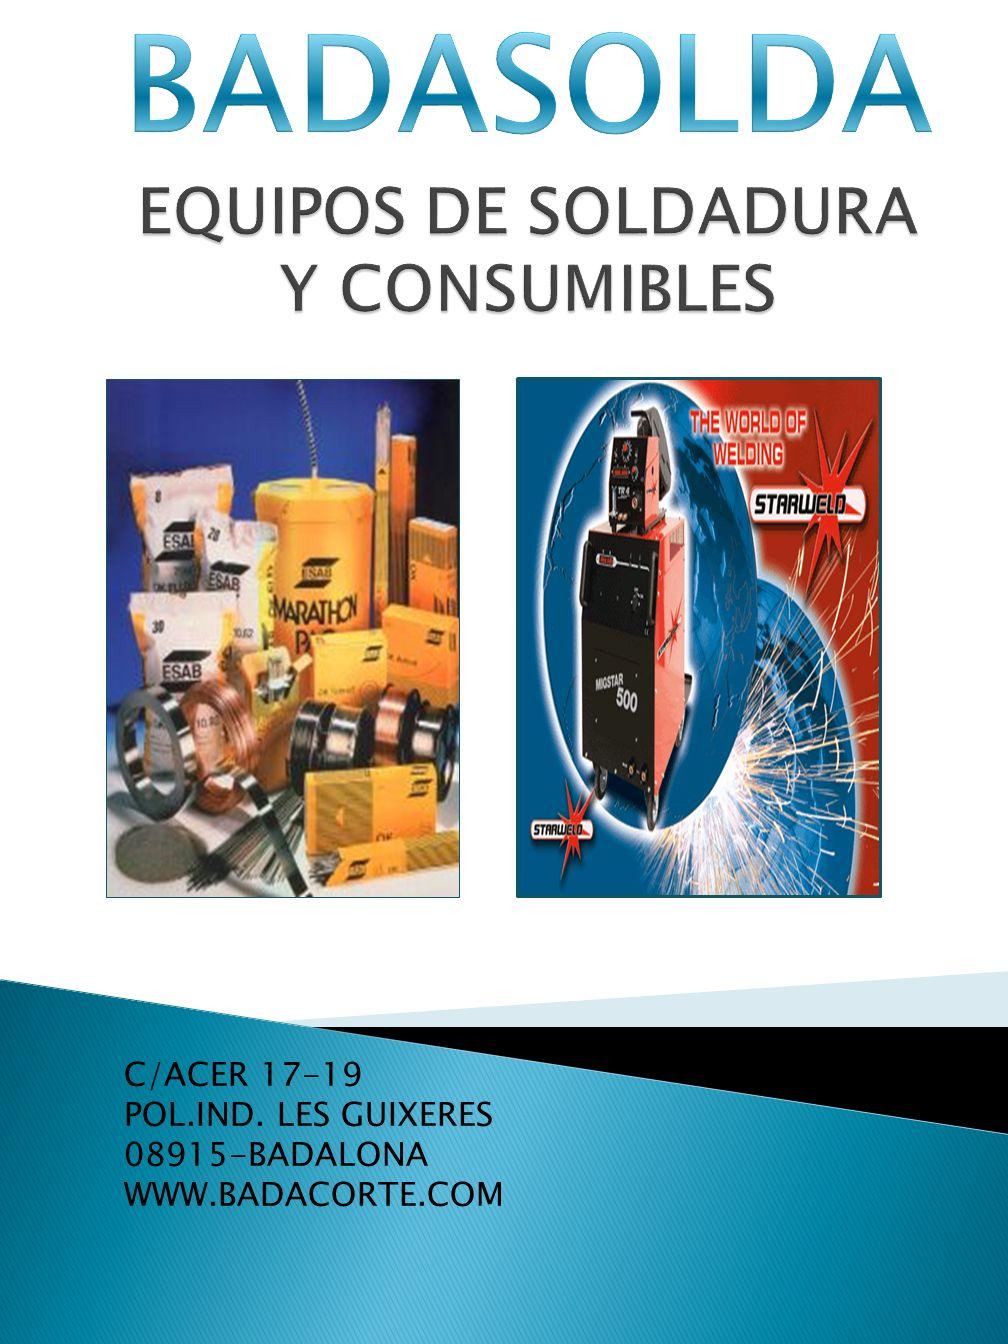 C/ACER 17-19 POL.IND. LES GUIXERES 08915-BADALONA WWW.BADACORTE.COM